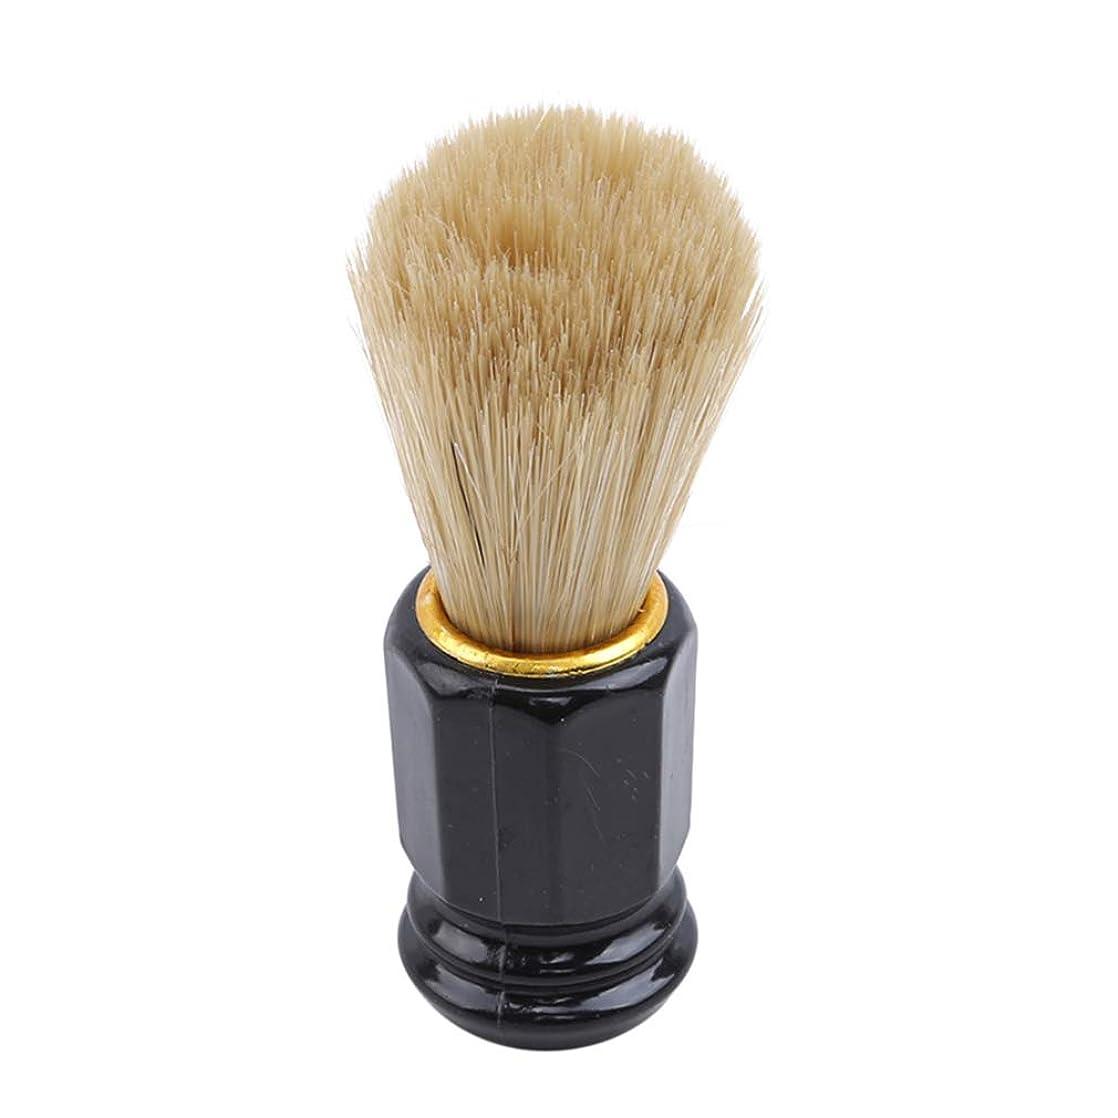 志すスケッチ衝突コース火の色 ひげブラシ シェービングブラシ 美容ツール 理容 洗顔 髭剃り 泡立ち 男性